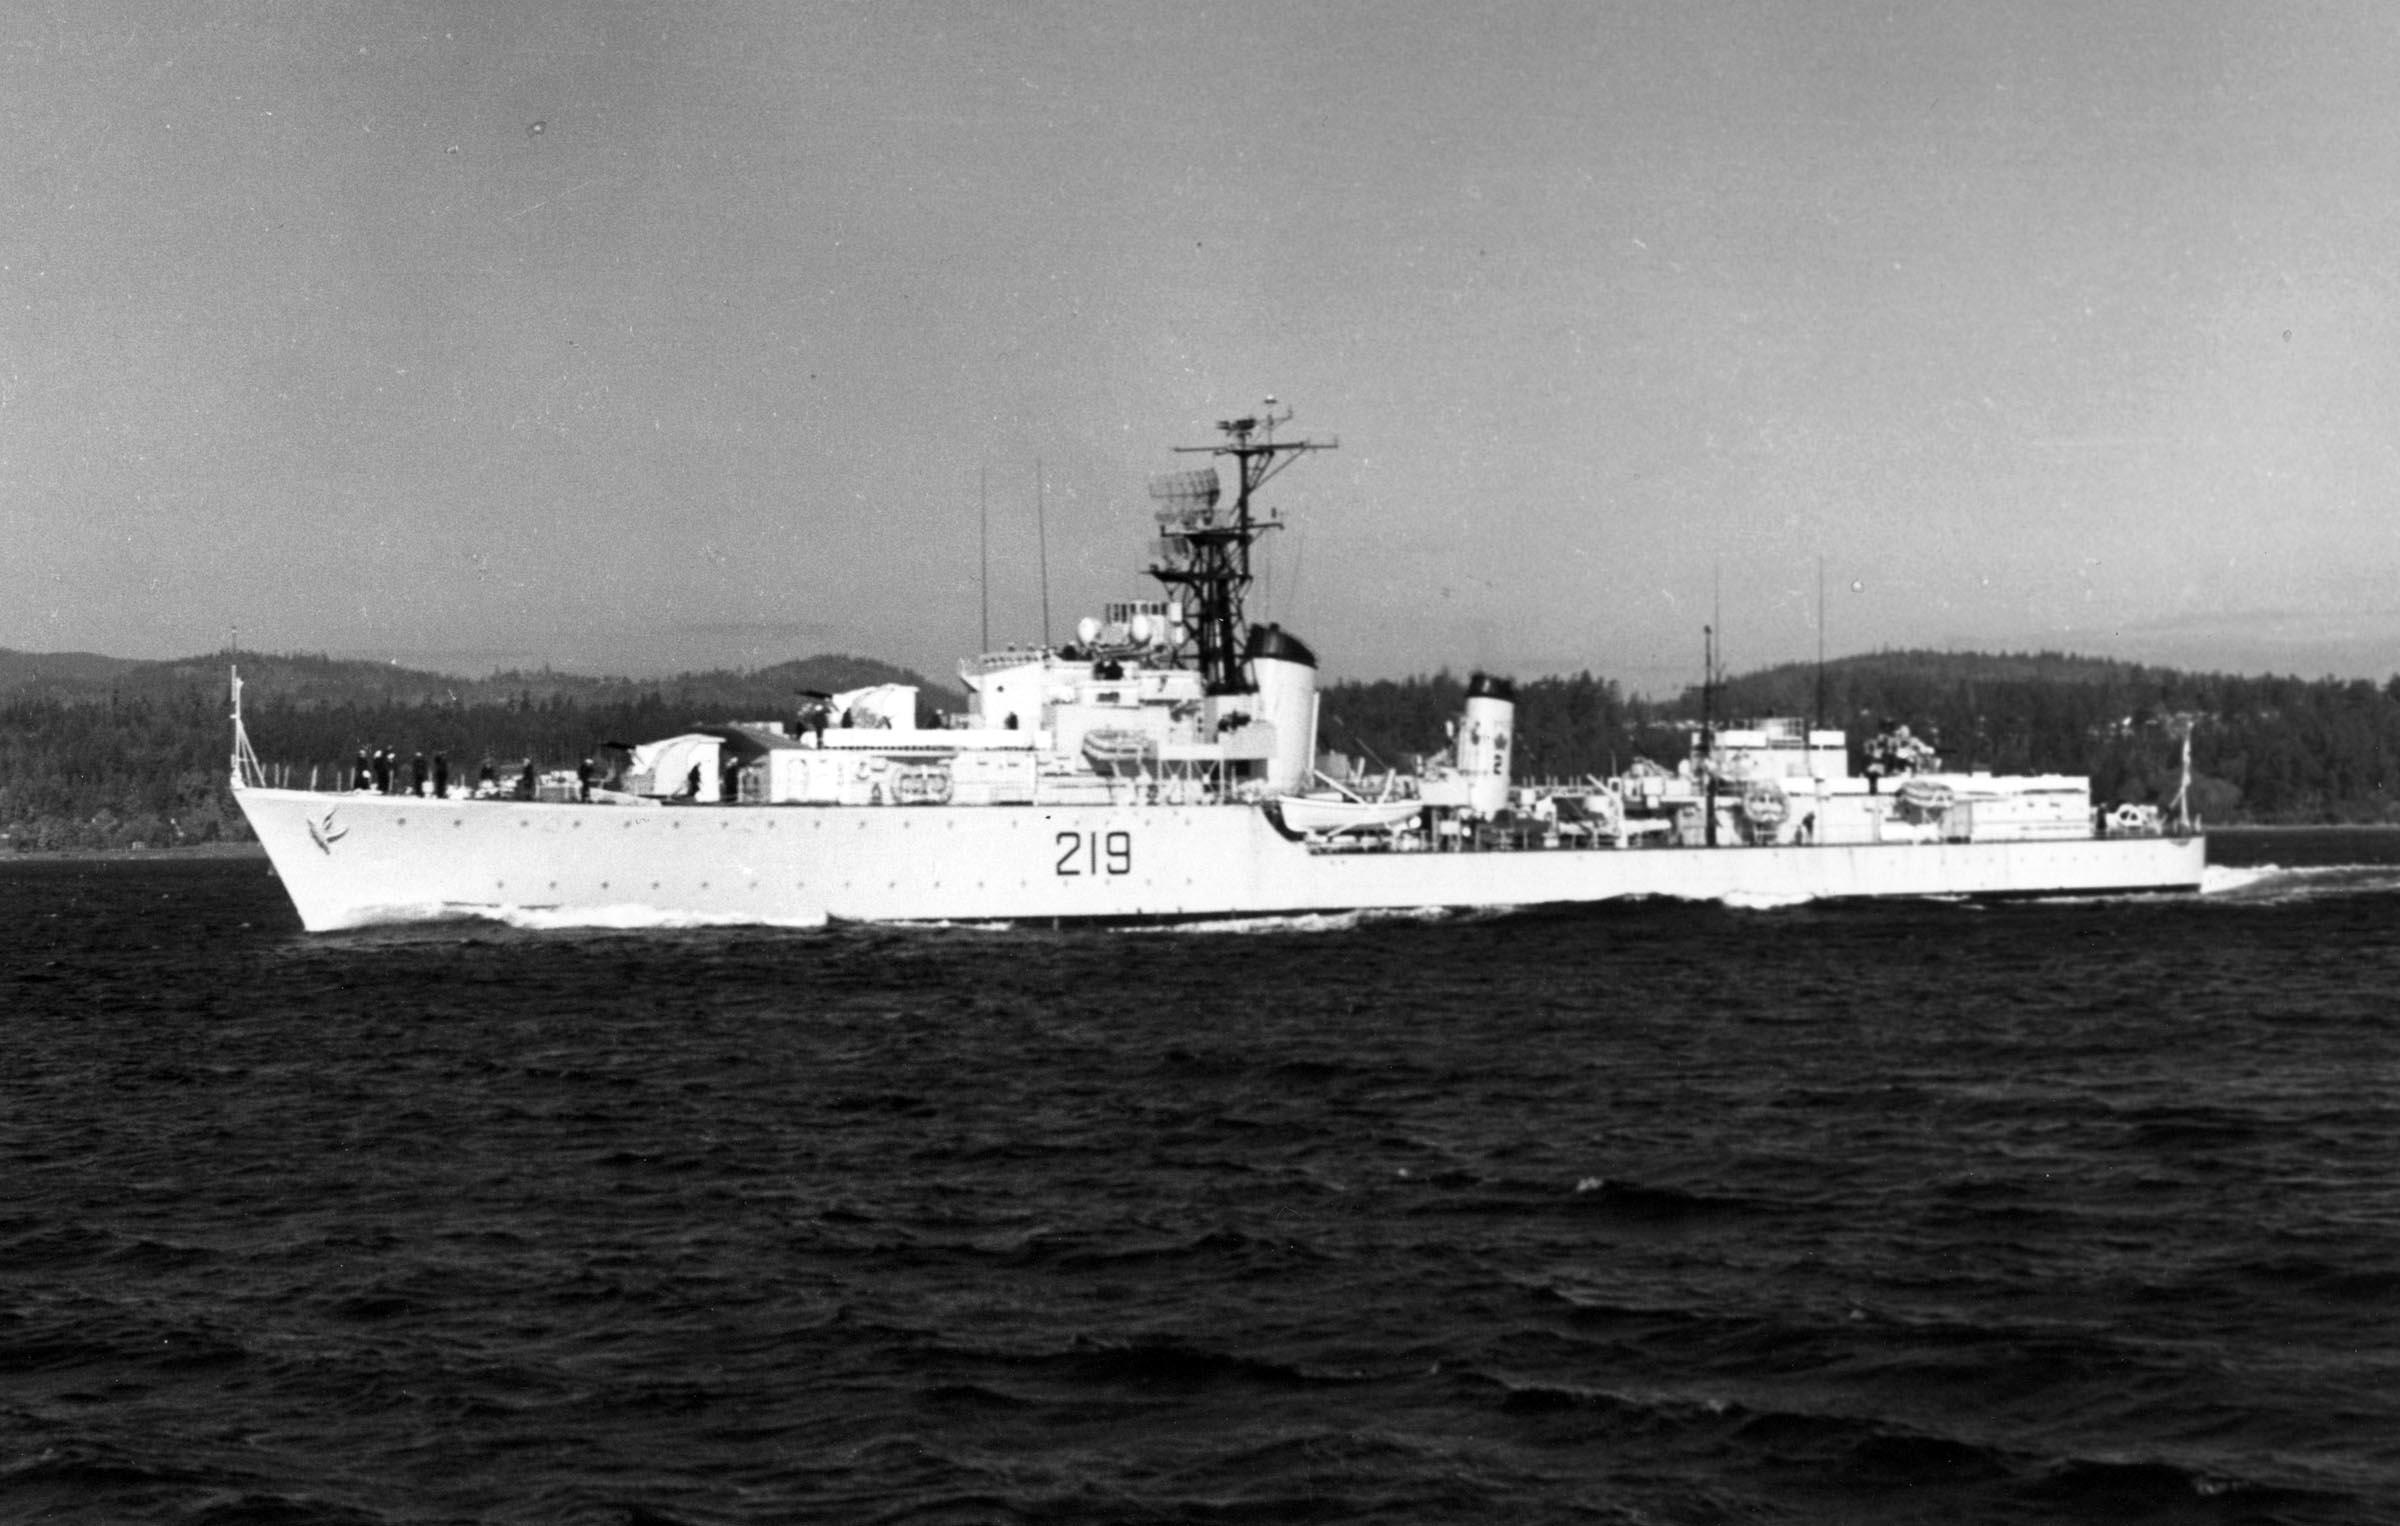 HMCS ATHABASKAN (2nd)